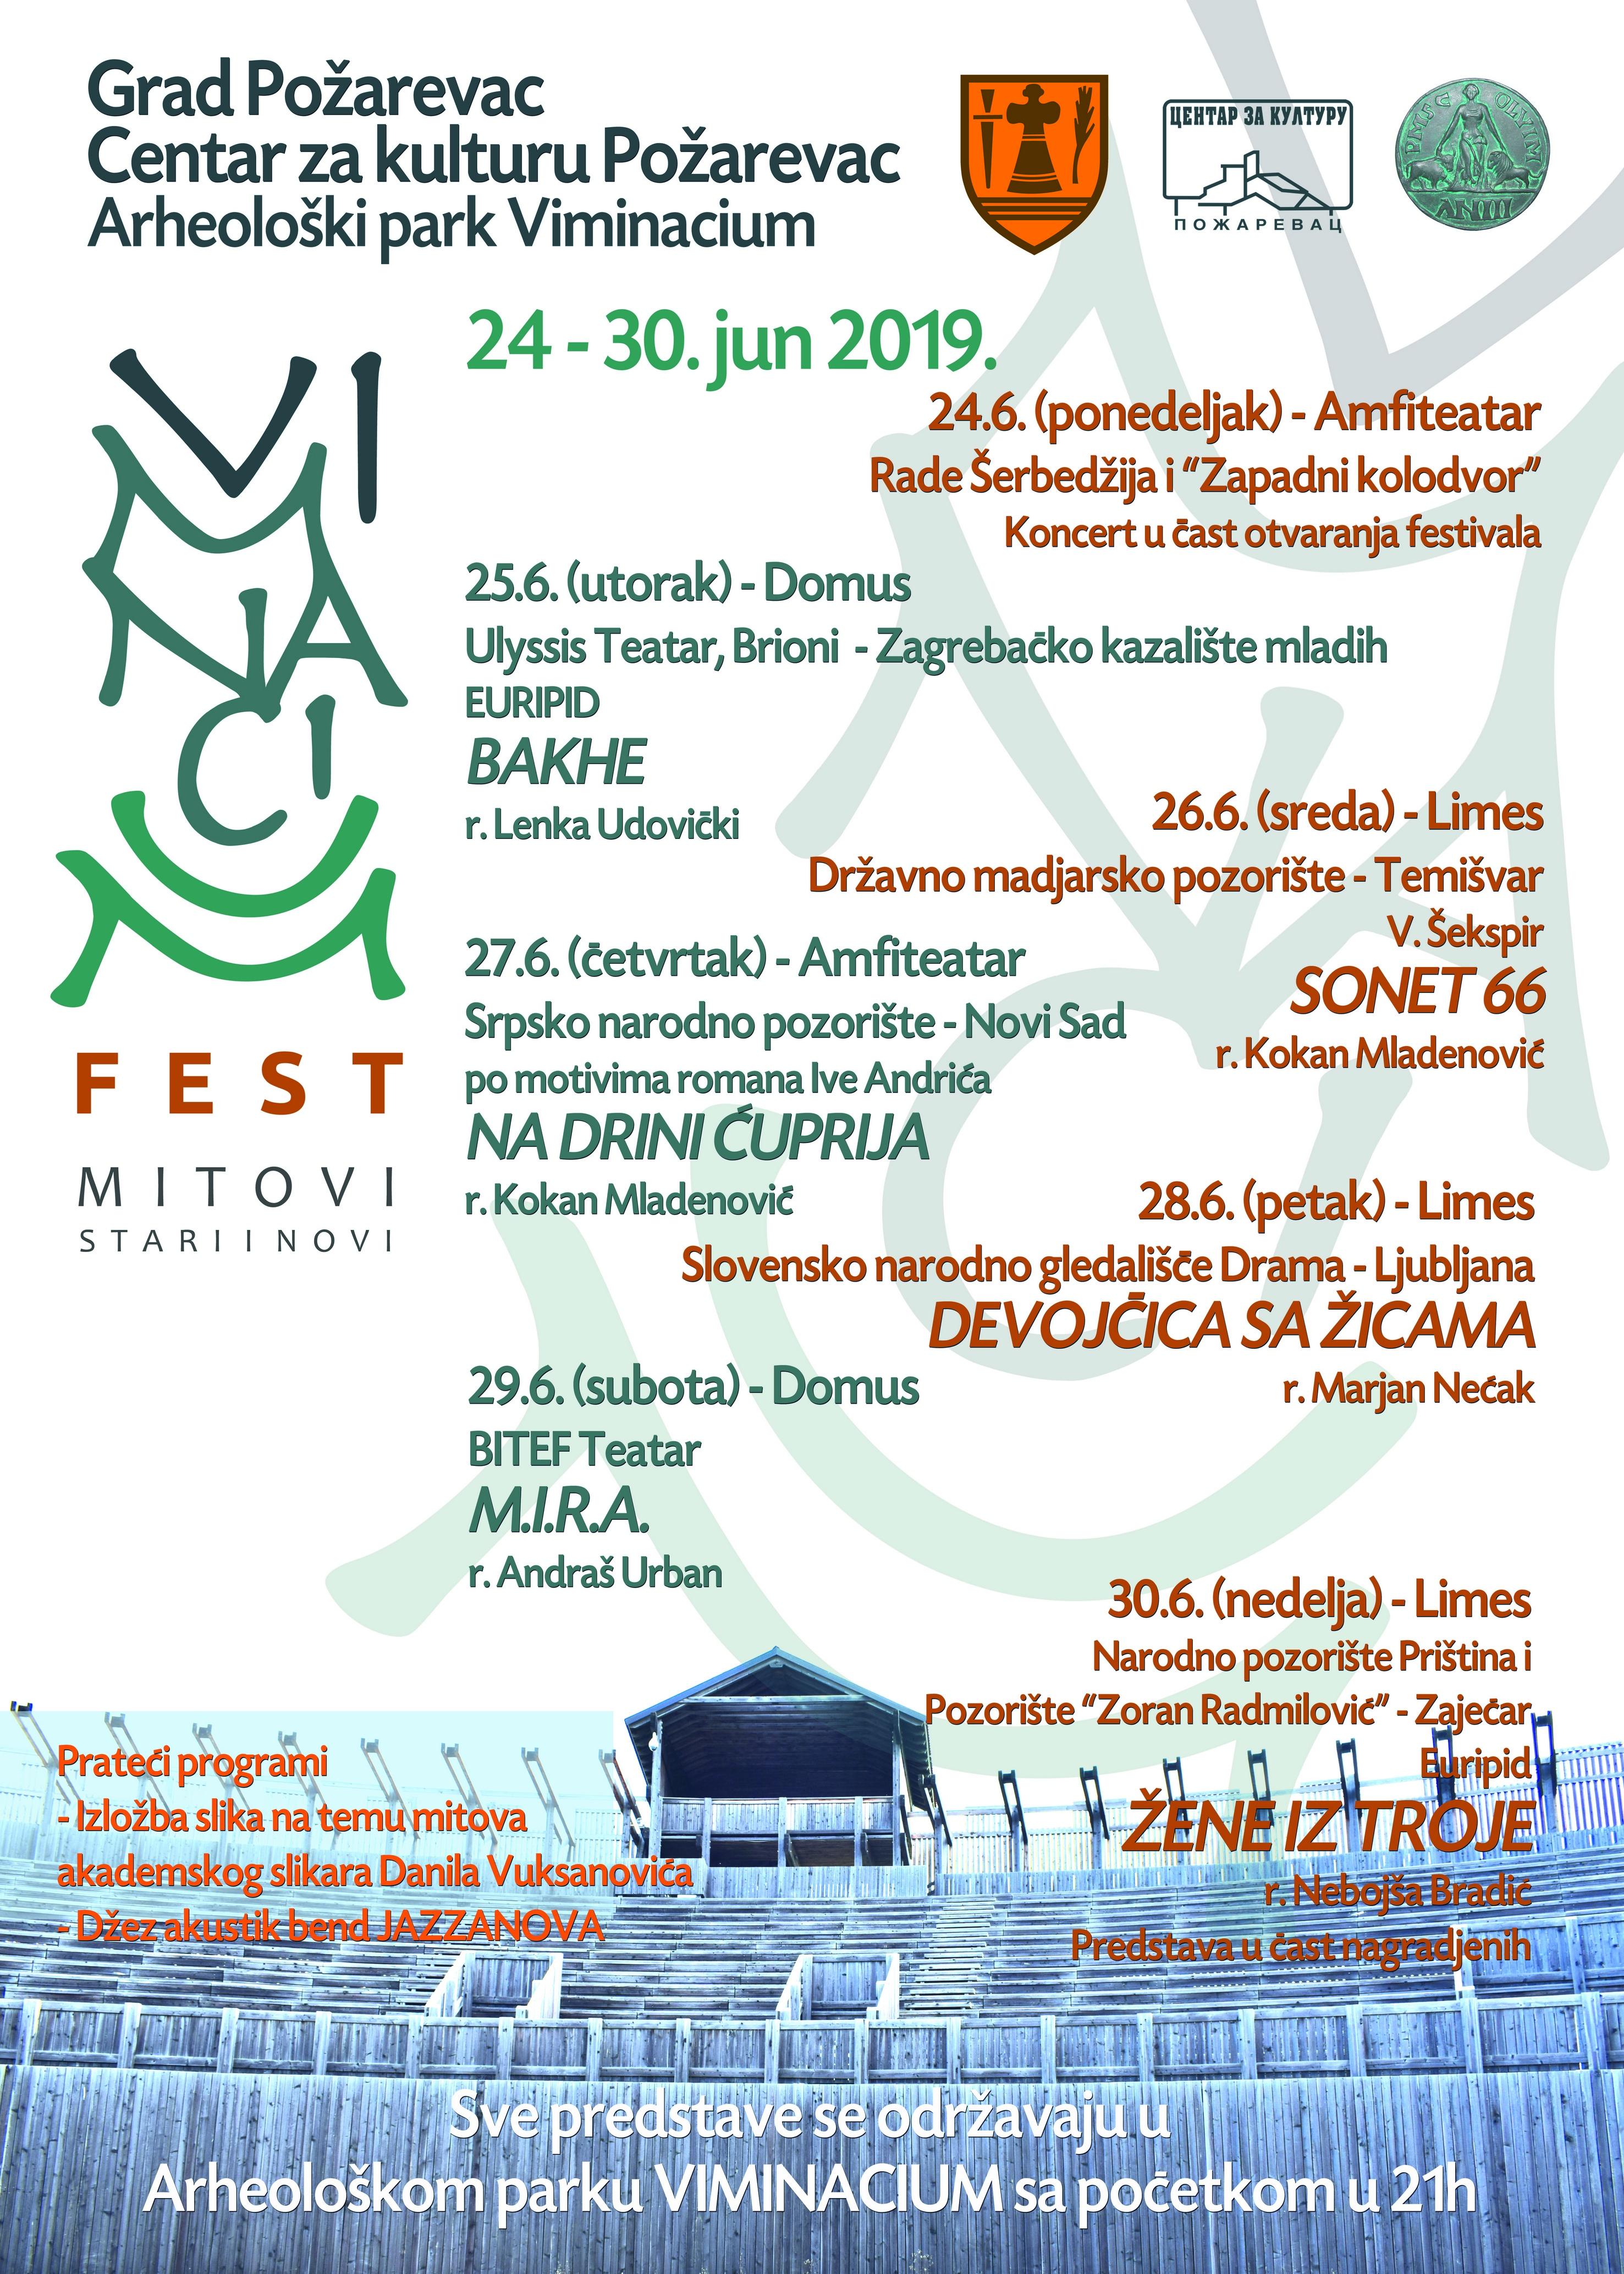 plakat_viminacijum_fest_2019_arheoloski_park_viminacijum_kostolac